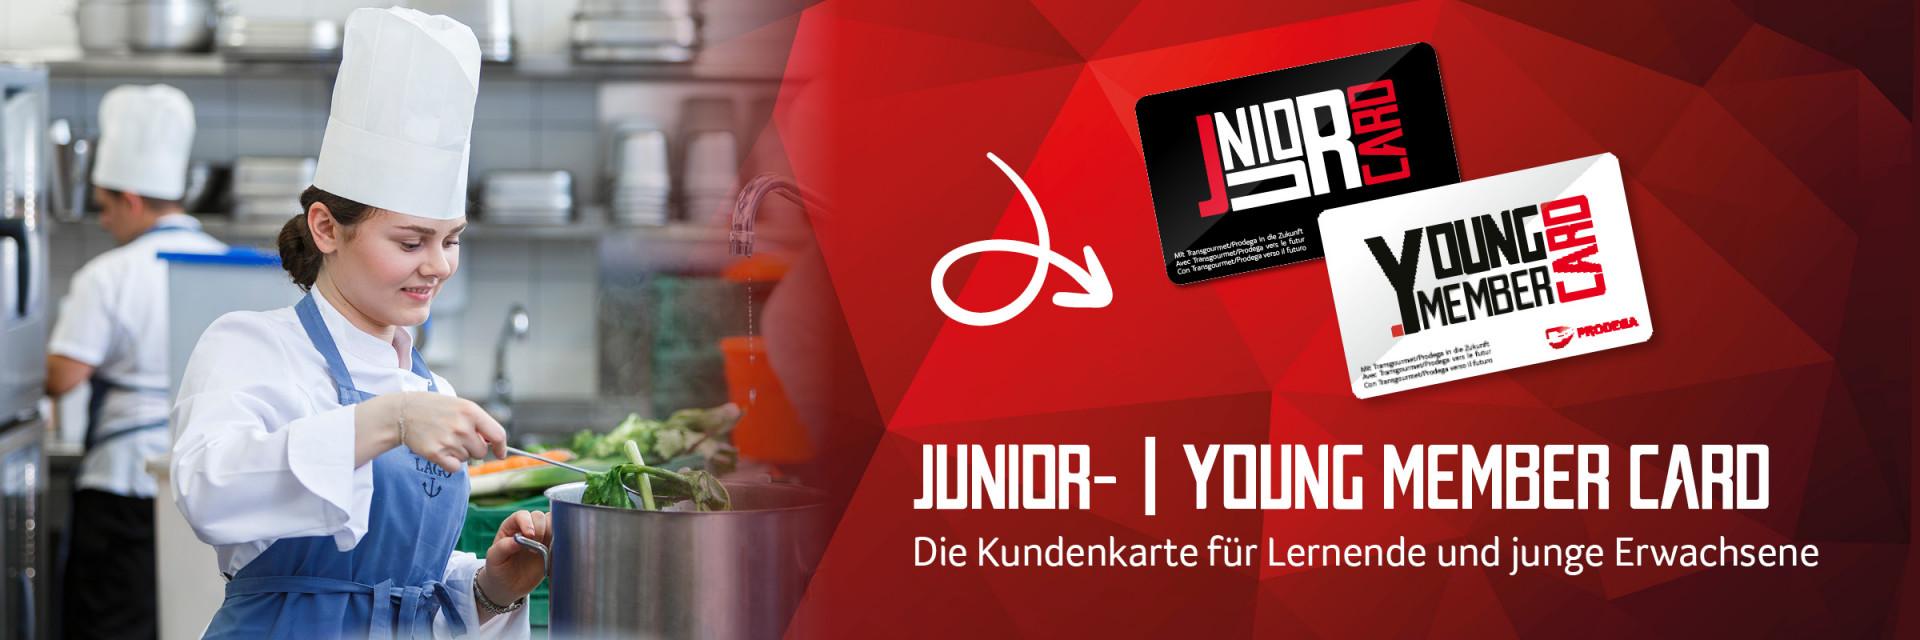 Juniorcard